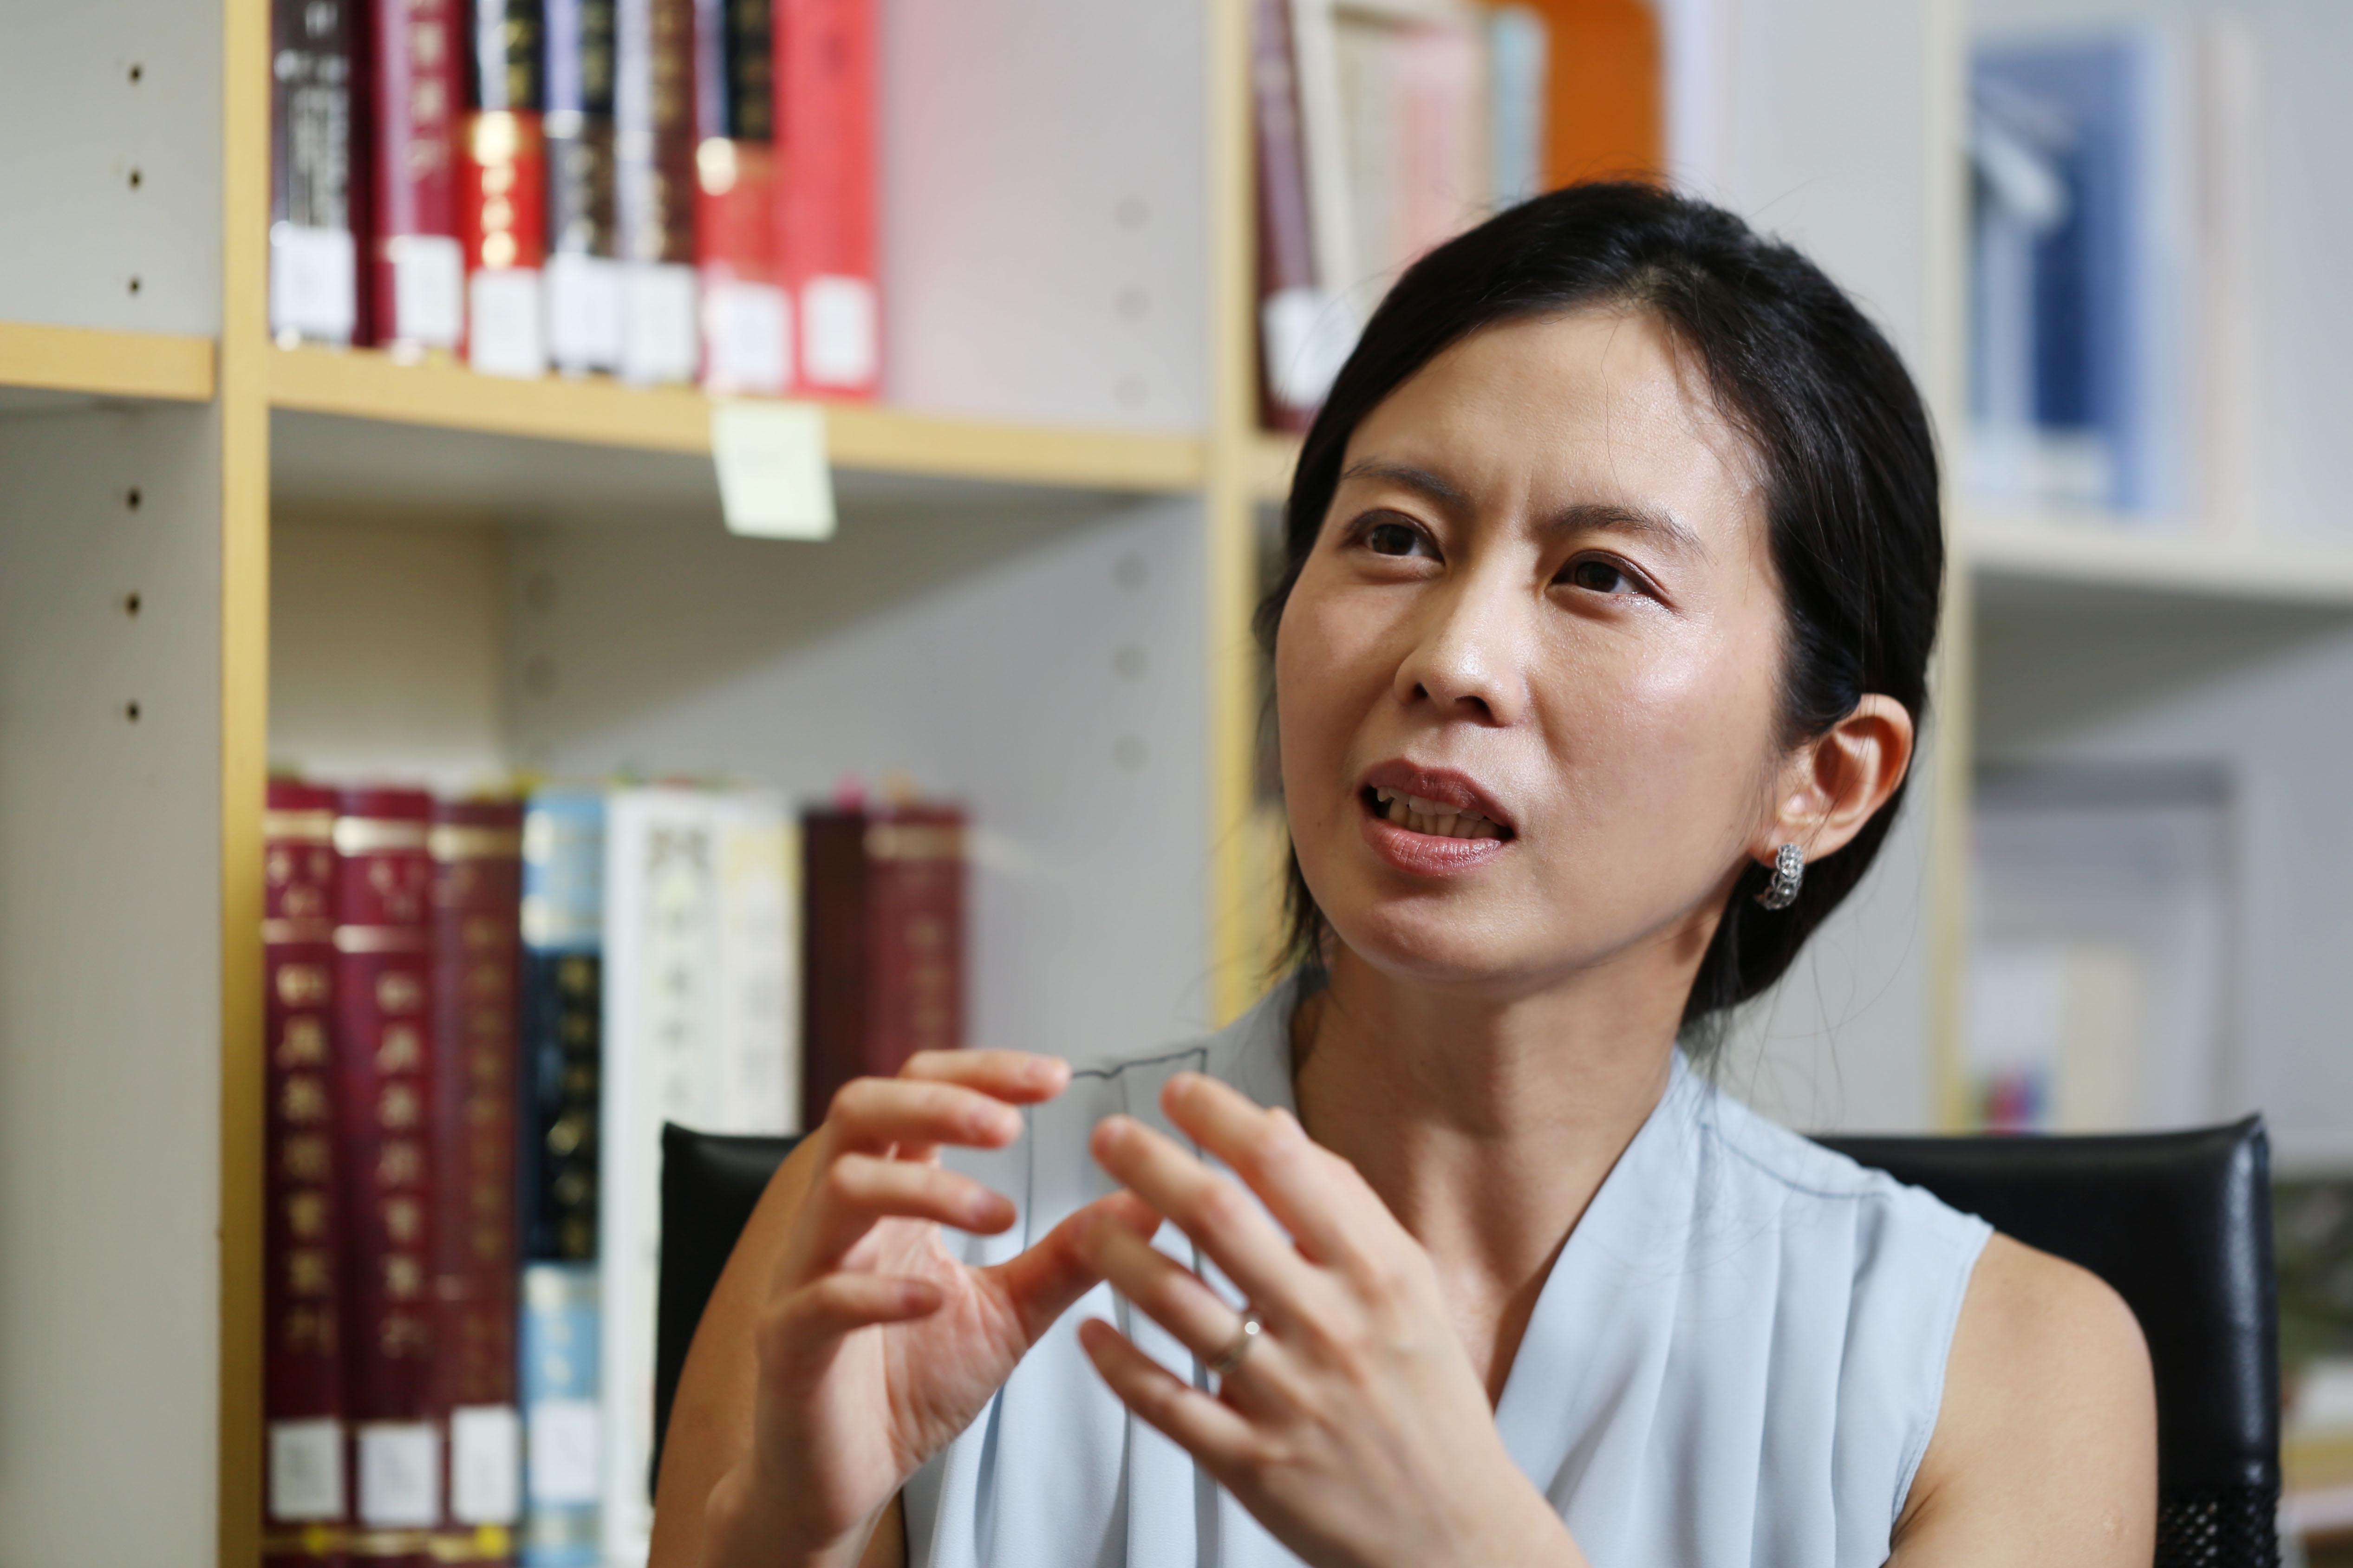 劉瓊云表示:「在解讀文學作品時,因為我的初衷是想了解跟我不同的人和時代,我會盡可能地回到作者當時的文化和氛圍,去理解一部作品。」 攝影│張語辰